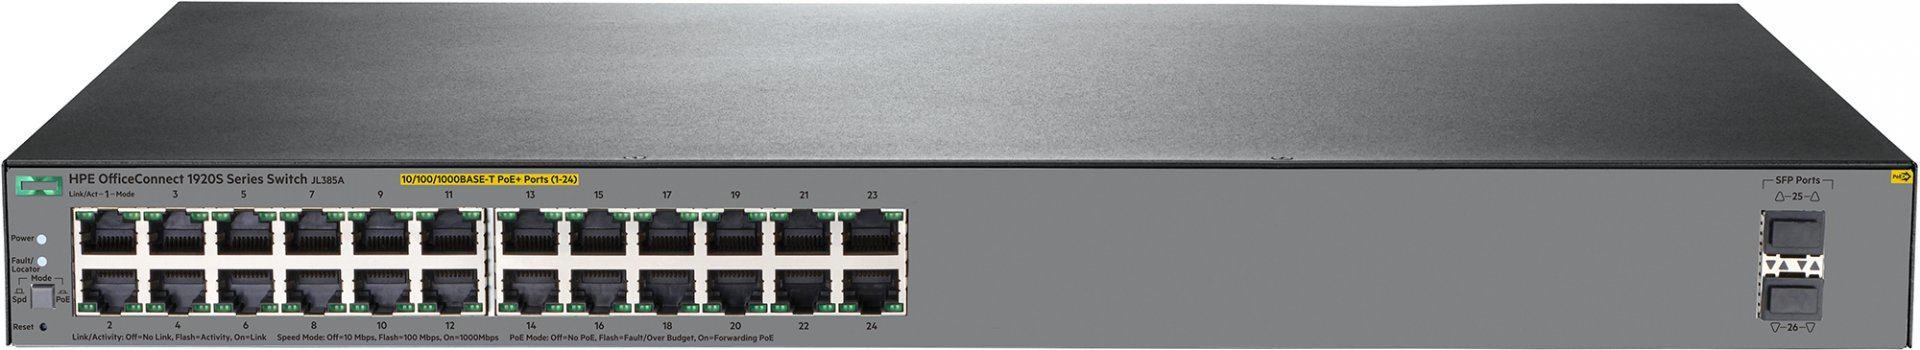 2465176-Hewlett-Packard-Enterprise-OfficeConnect-1920S-24G-2SFP-PoE-370W-Arub